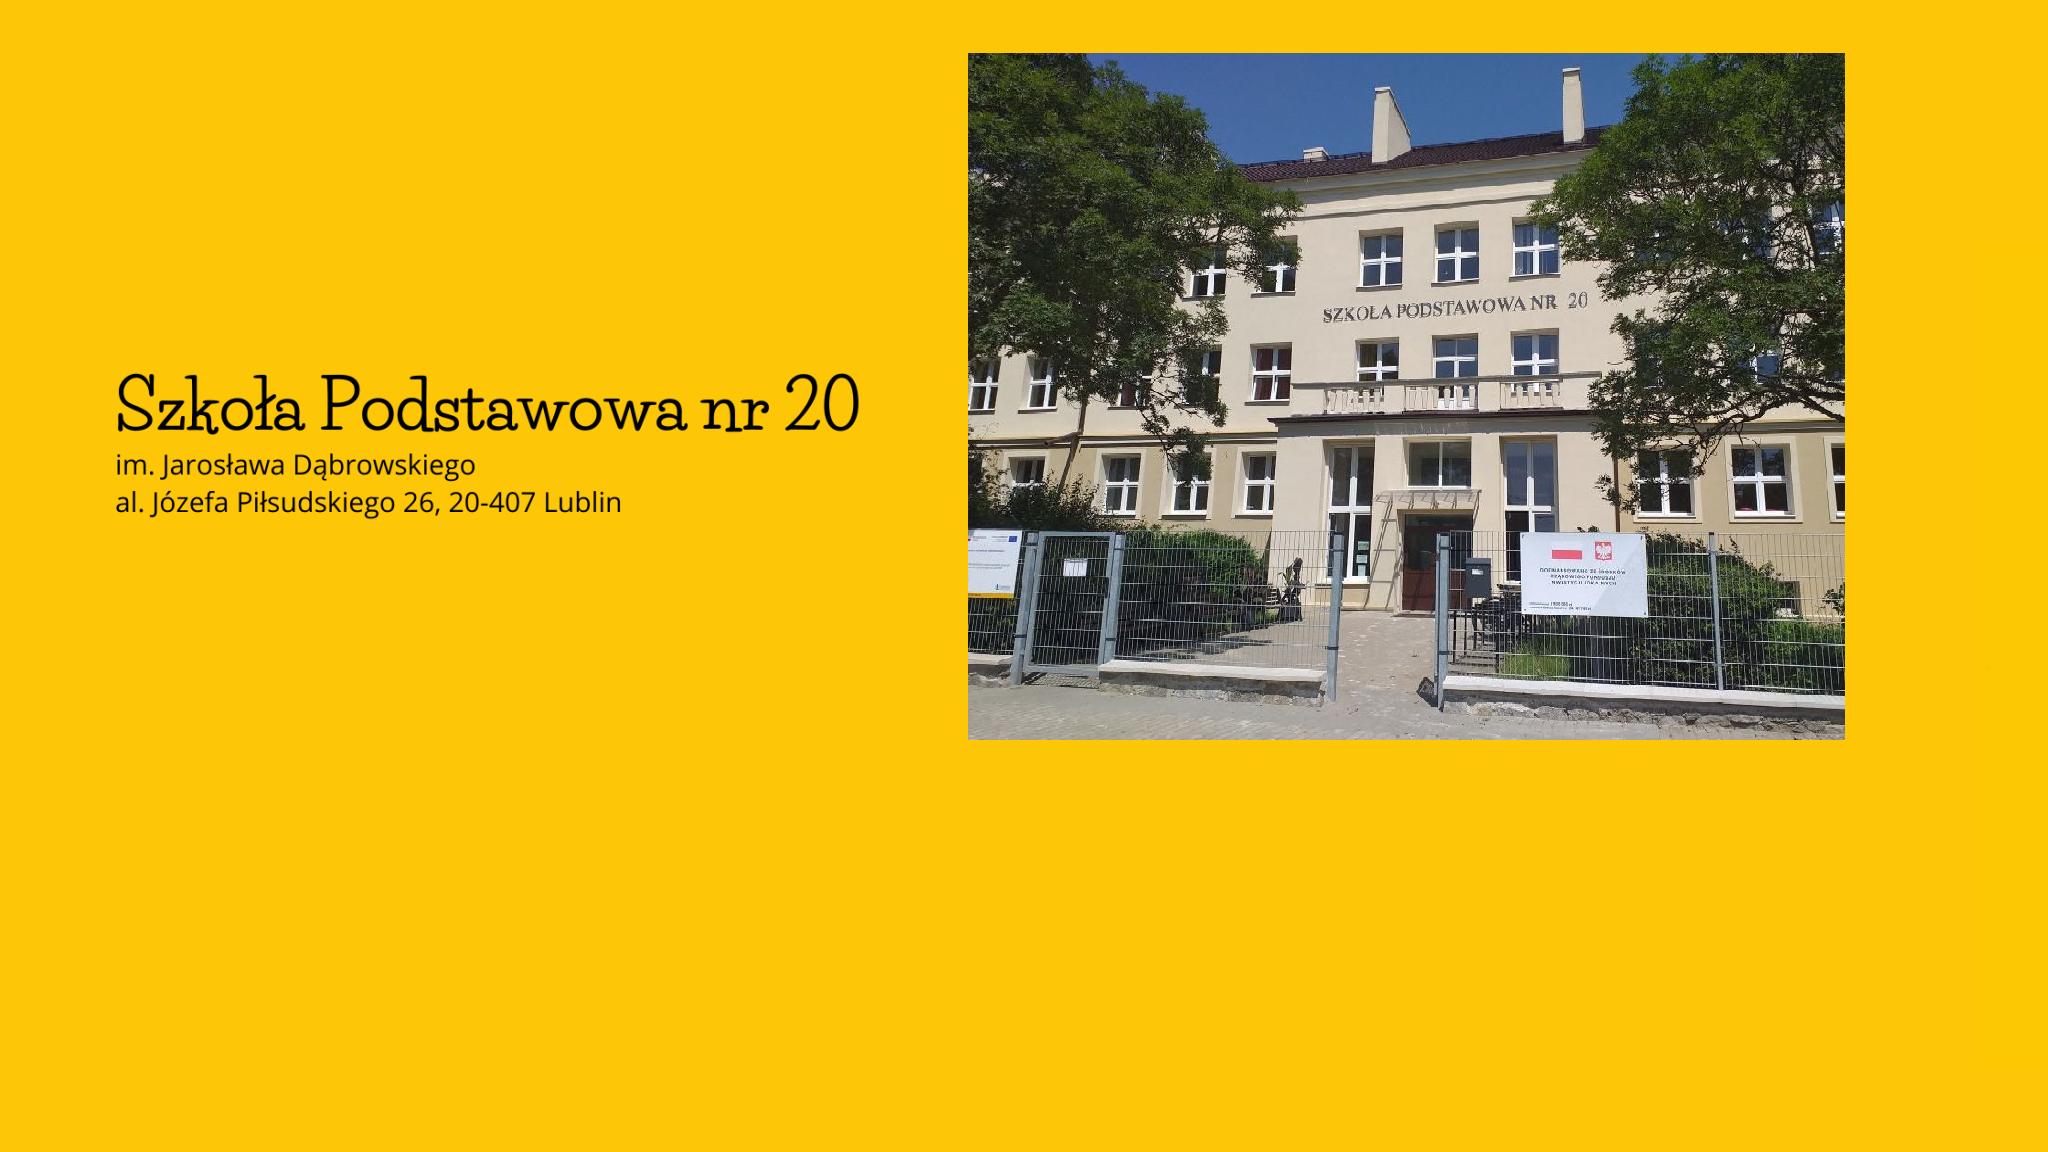 Szkoła Podstawowa nr 20 w Lublinie